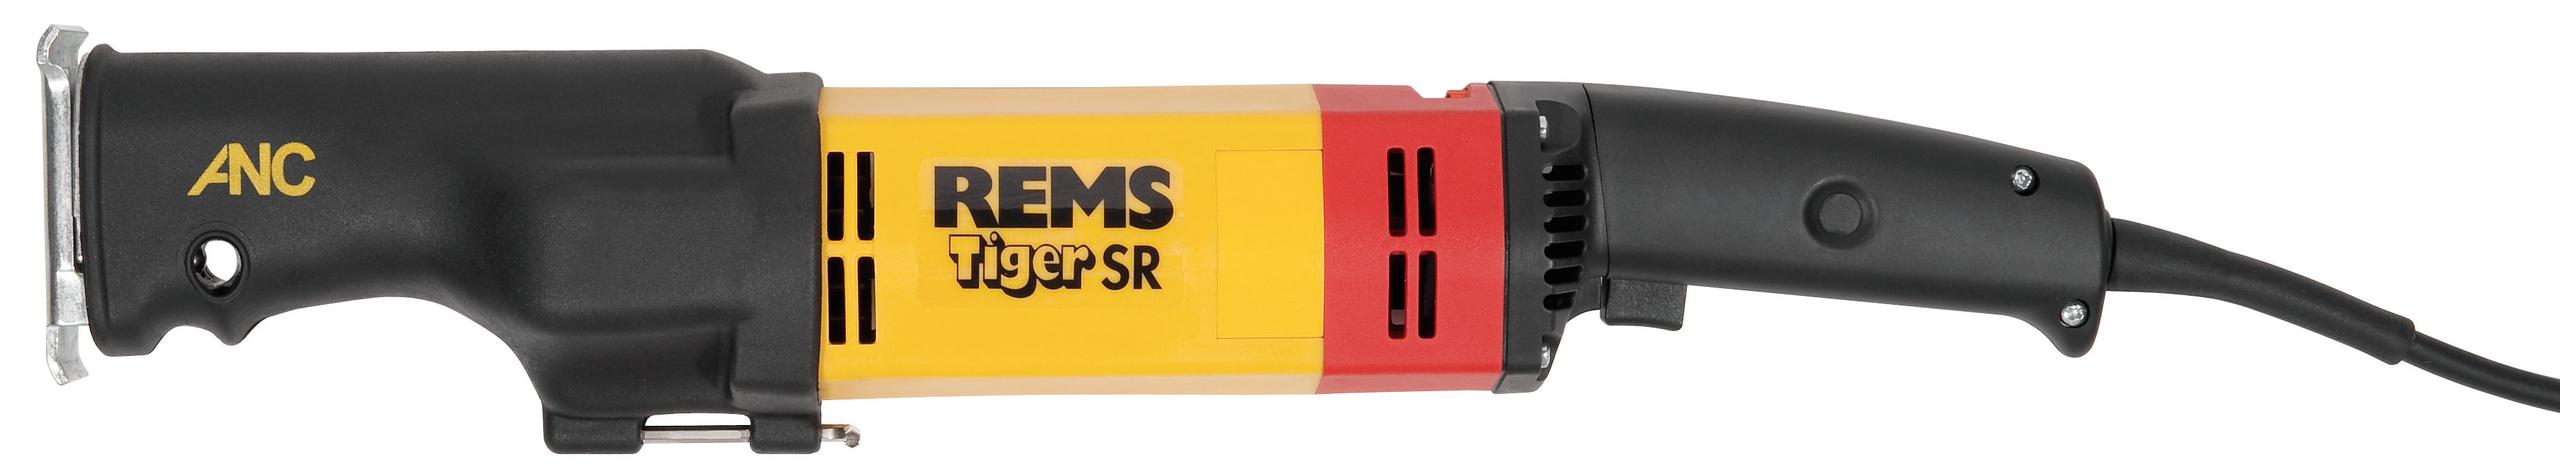 <br/>REMS Tiger SR